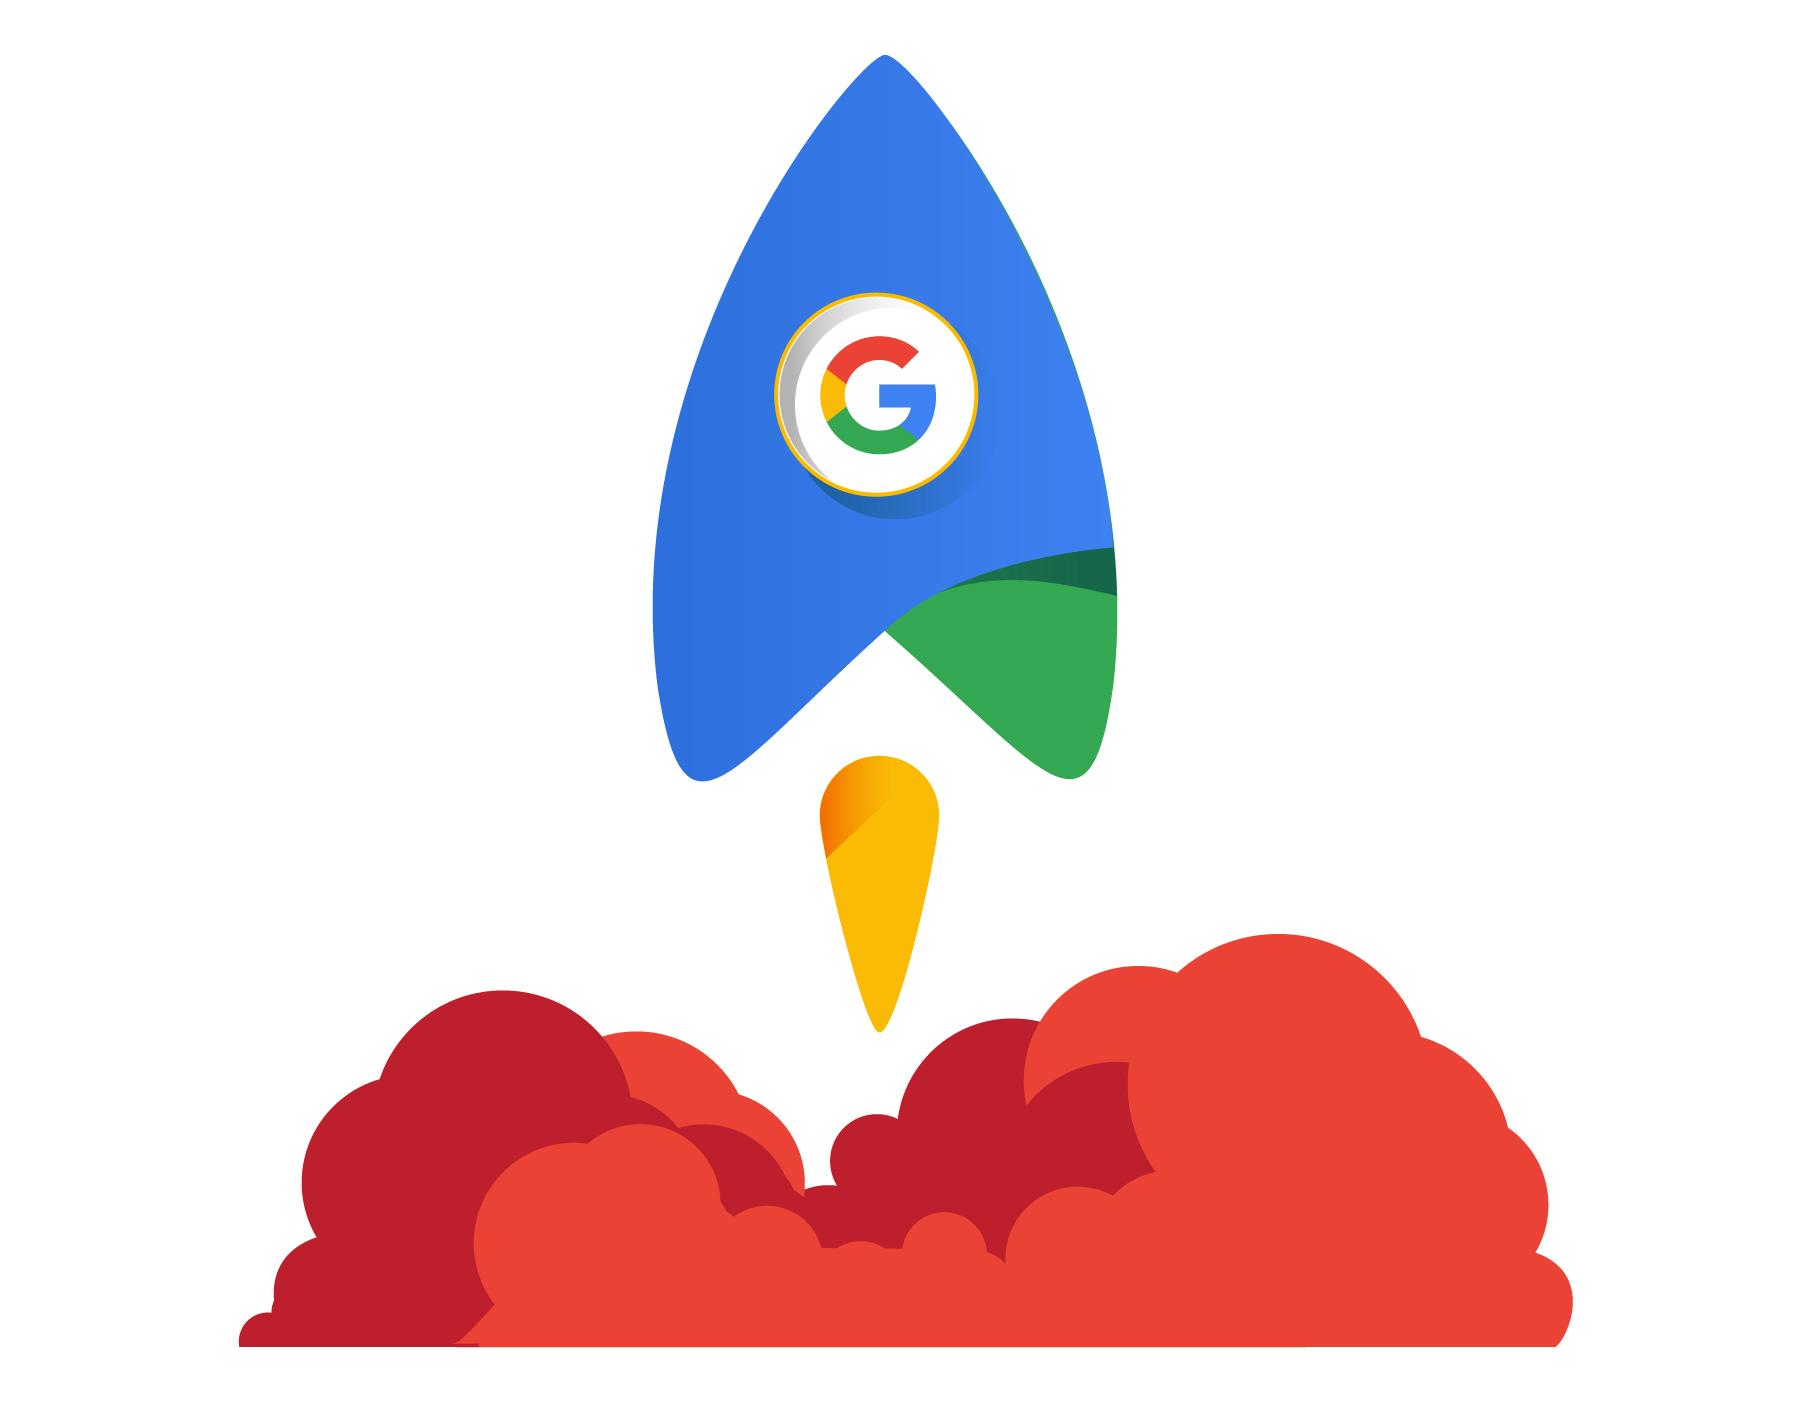 Google: Lift Off